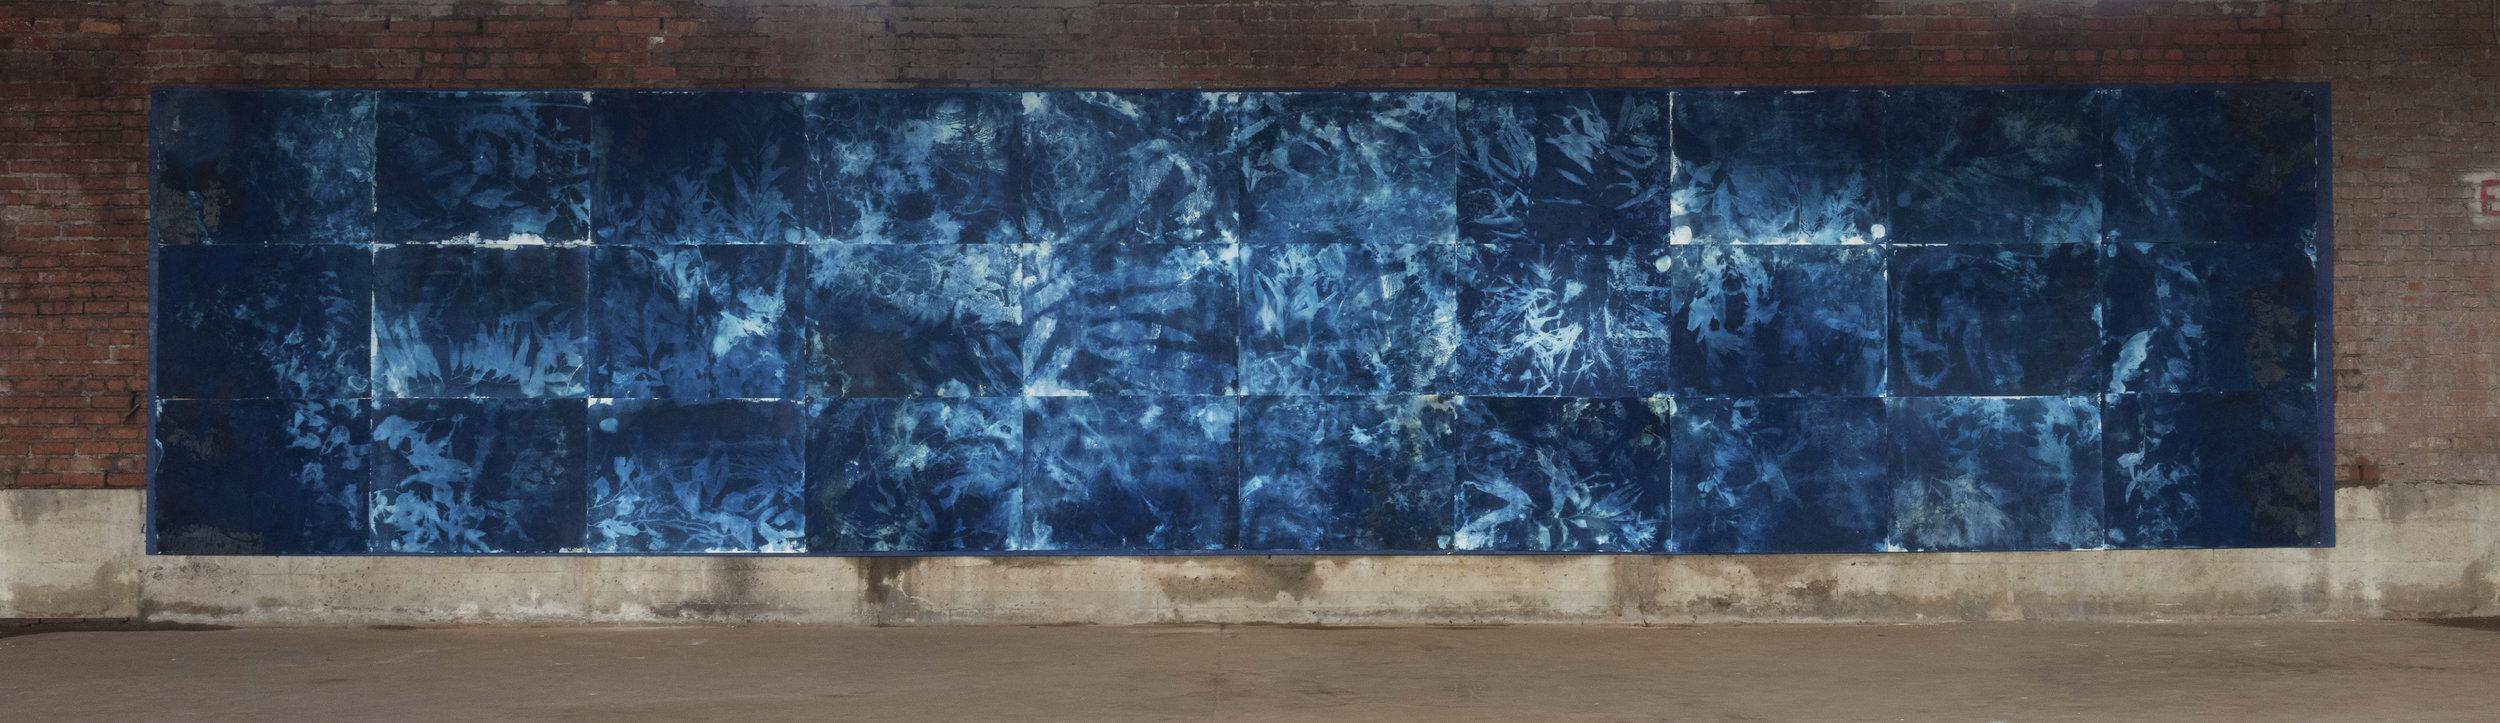 Mystic Kelp, Cyanotype, 8'x33'